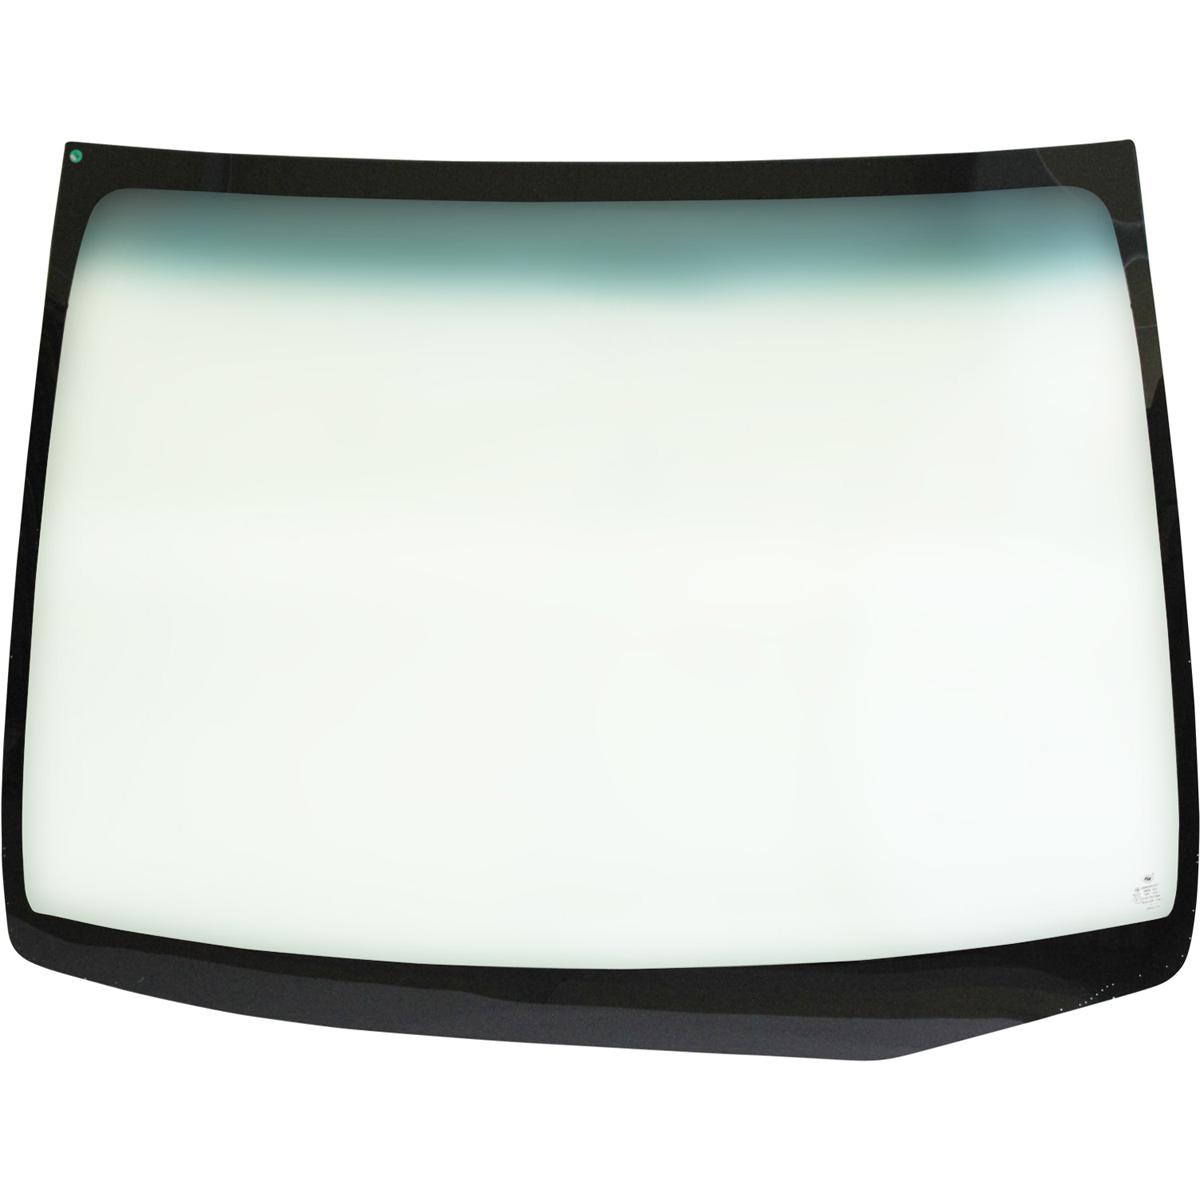 スバル ディアスWG用フロントガラスが送料無料 ※個人宅への配送はできません 店舗 ディアスWG用フロントガラス 高価値 車両型式:S321 ガラス色:グリーン ガラス型式:S320E 年式:H.21.8- ボカシ:ブルー 331